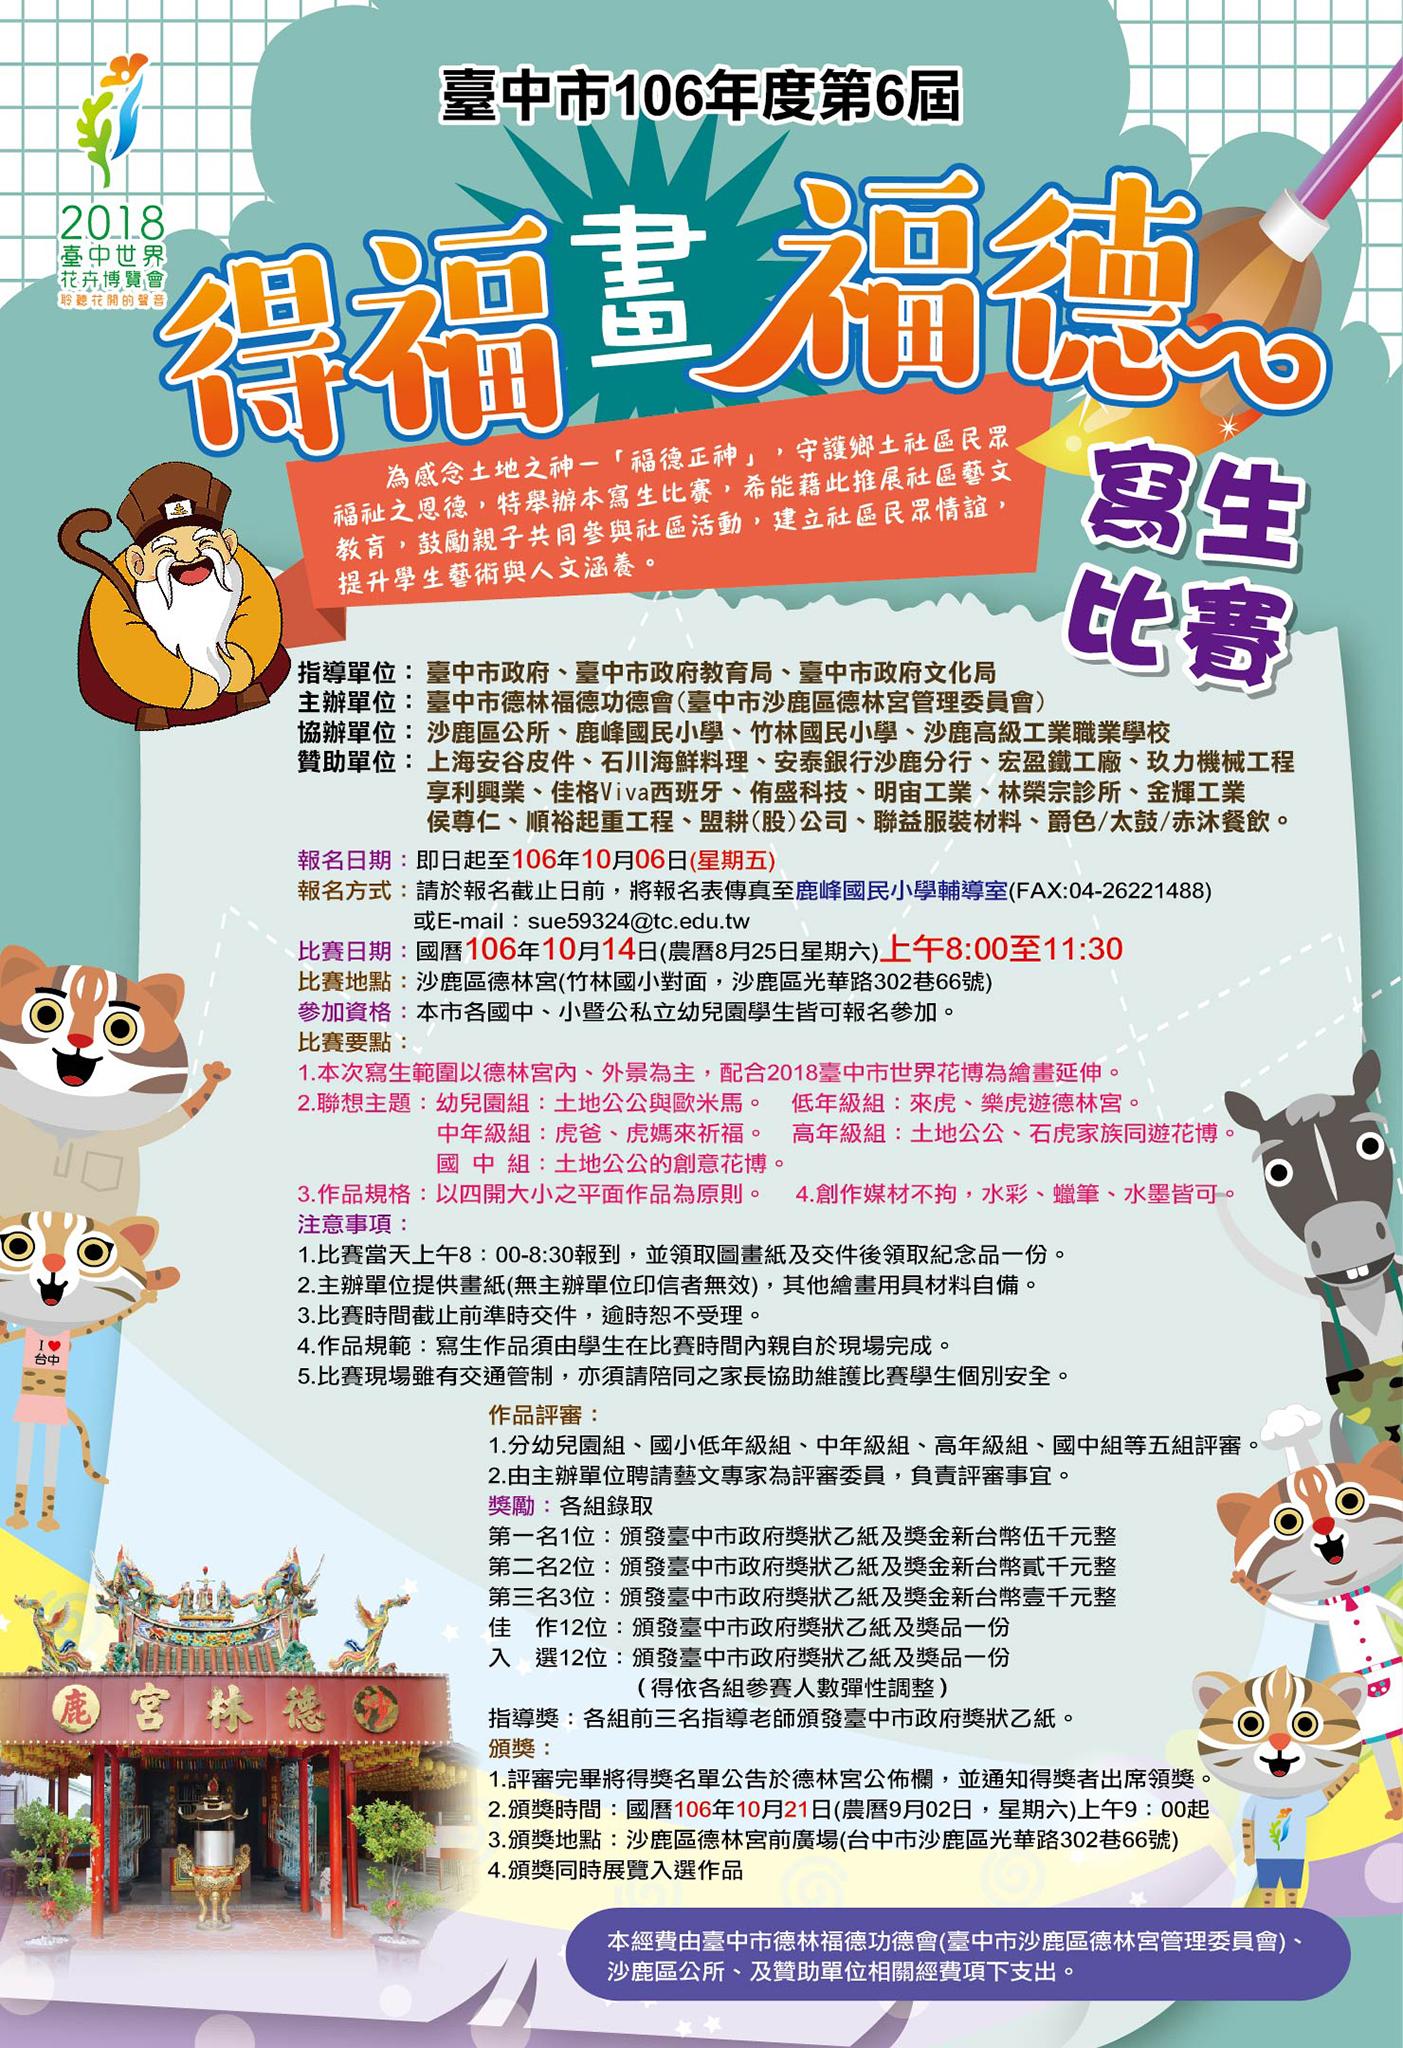 台中市沙鹿區德林宮舉辦第六屆「德林德林畫福德」寫生比賽